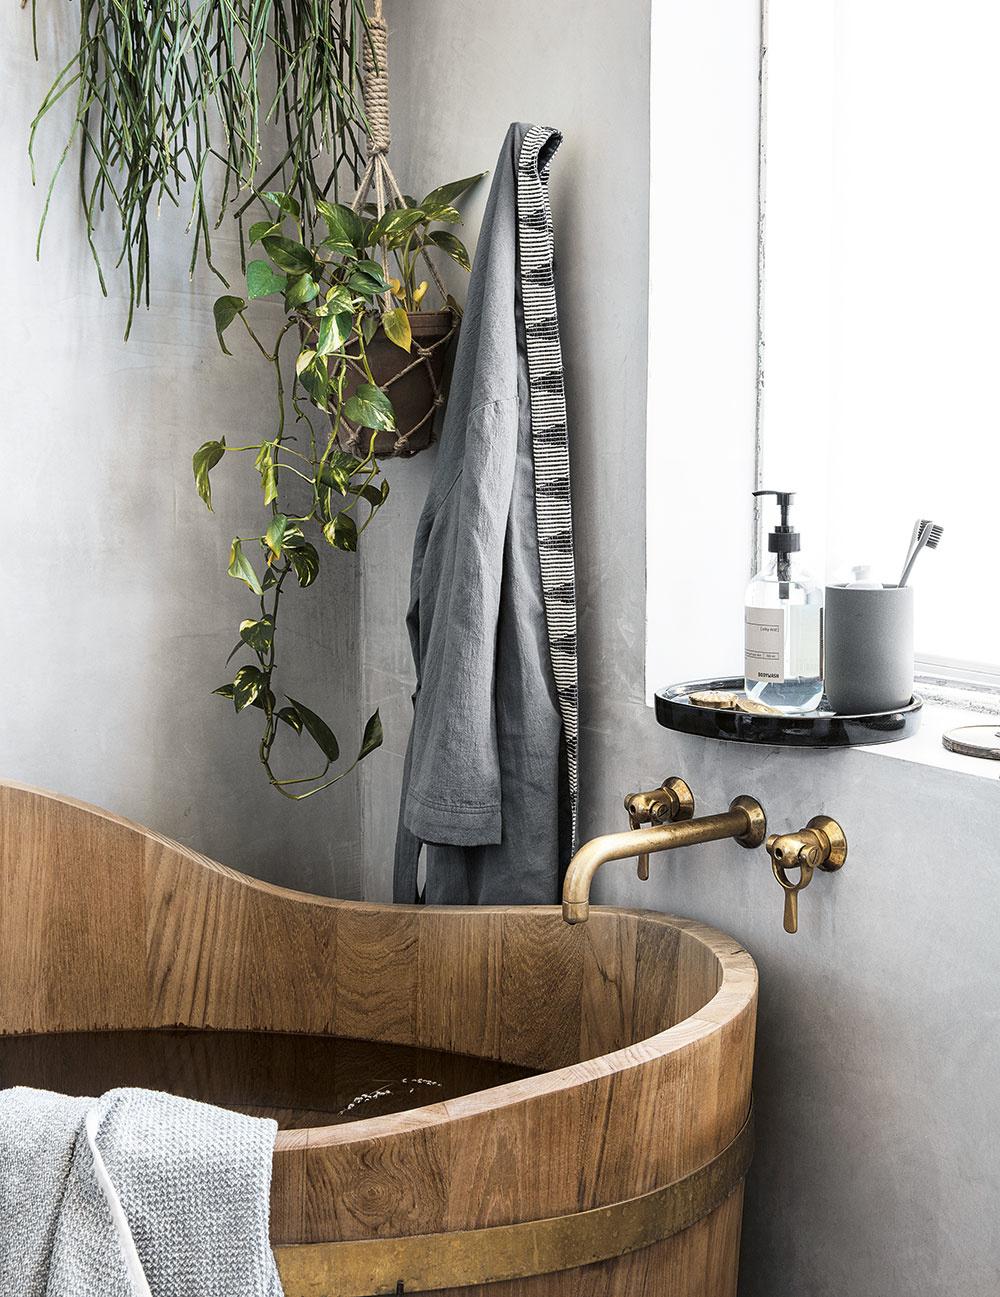 V minulosti sa bežne používali na kúpanie drevené kade alebo korytá. Ak vás láka výnimočnosť spojenia dreva a vody, niet sa čoho obávať. Drevo je ošetrené tak, že ho denný kontakt s vodou nijako nepoškodí. Na takúto sanitu sa zvyčajne poskytuje aj niekoľkoročná záruka.